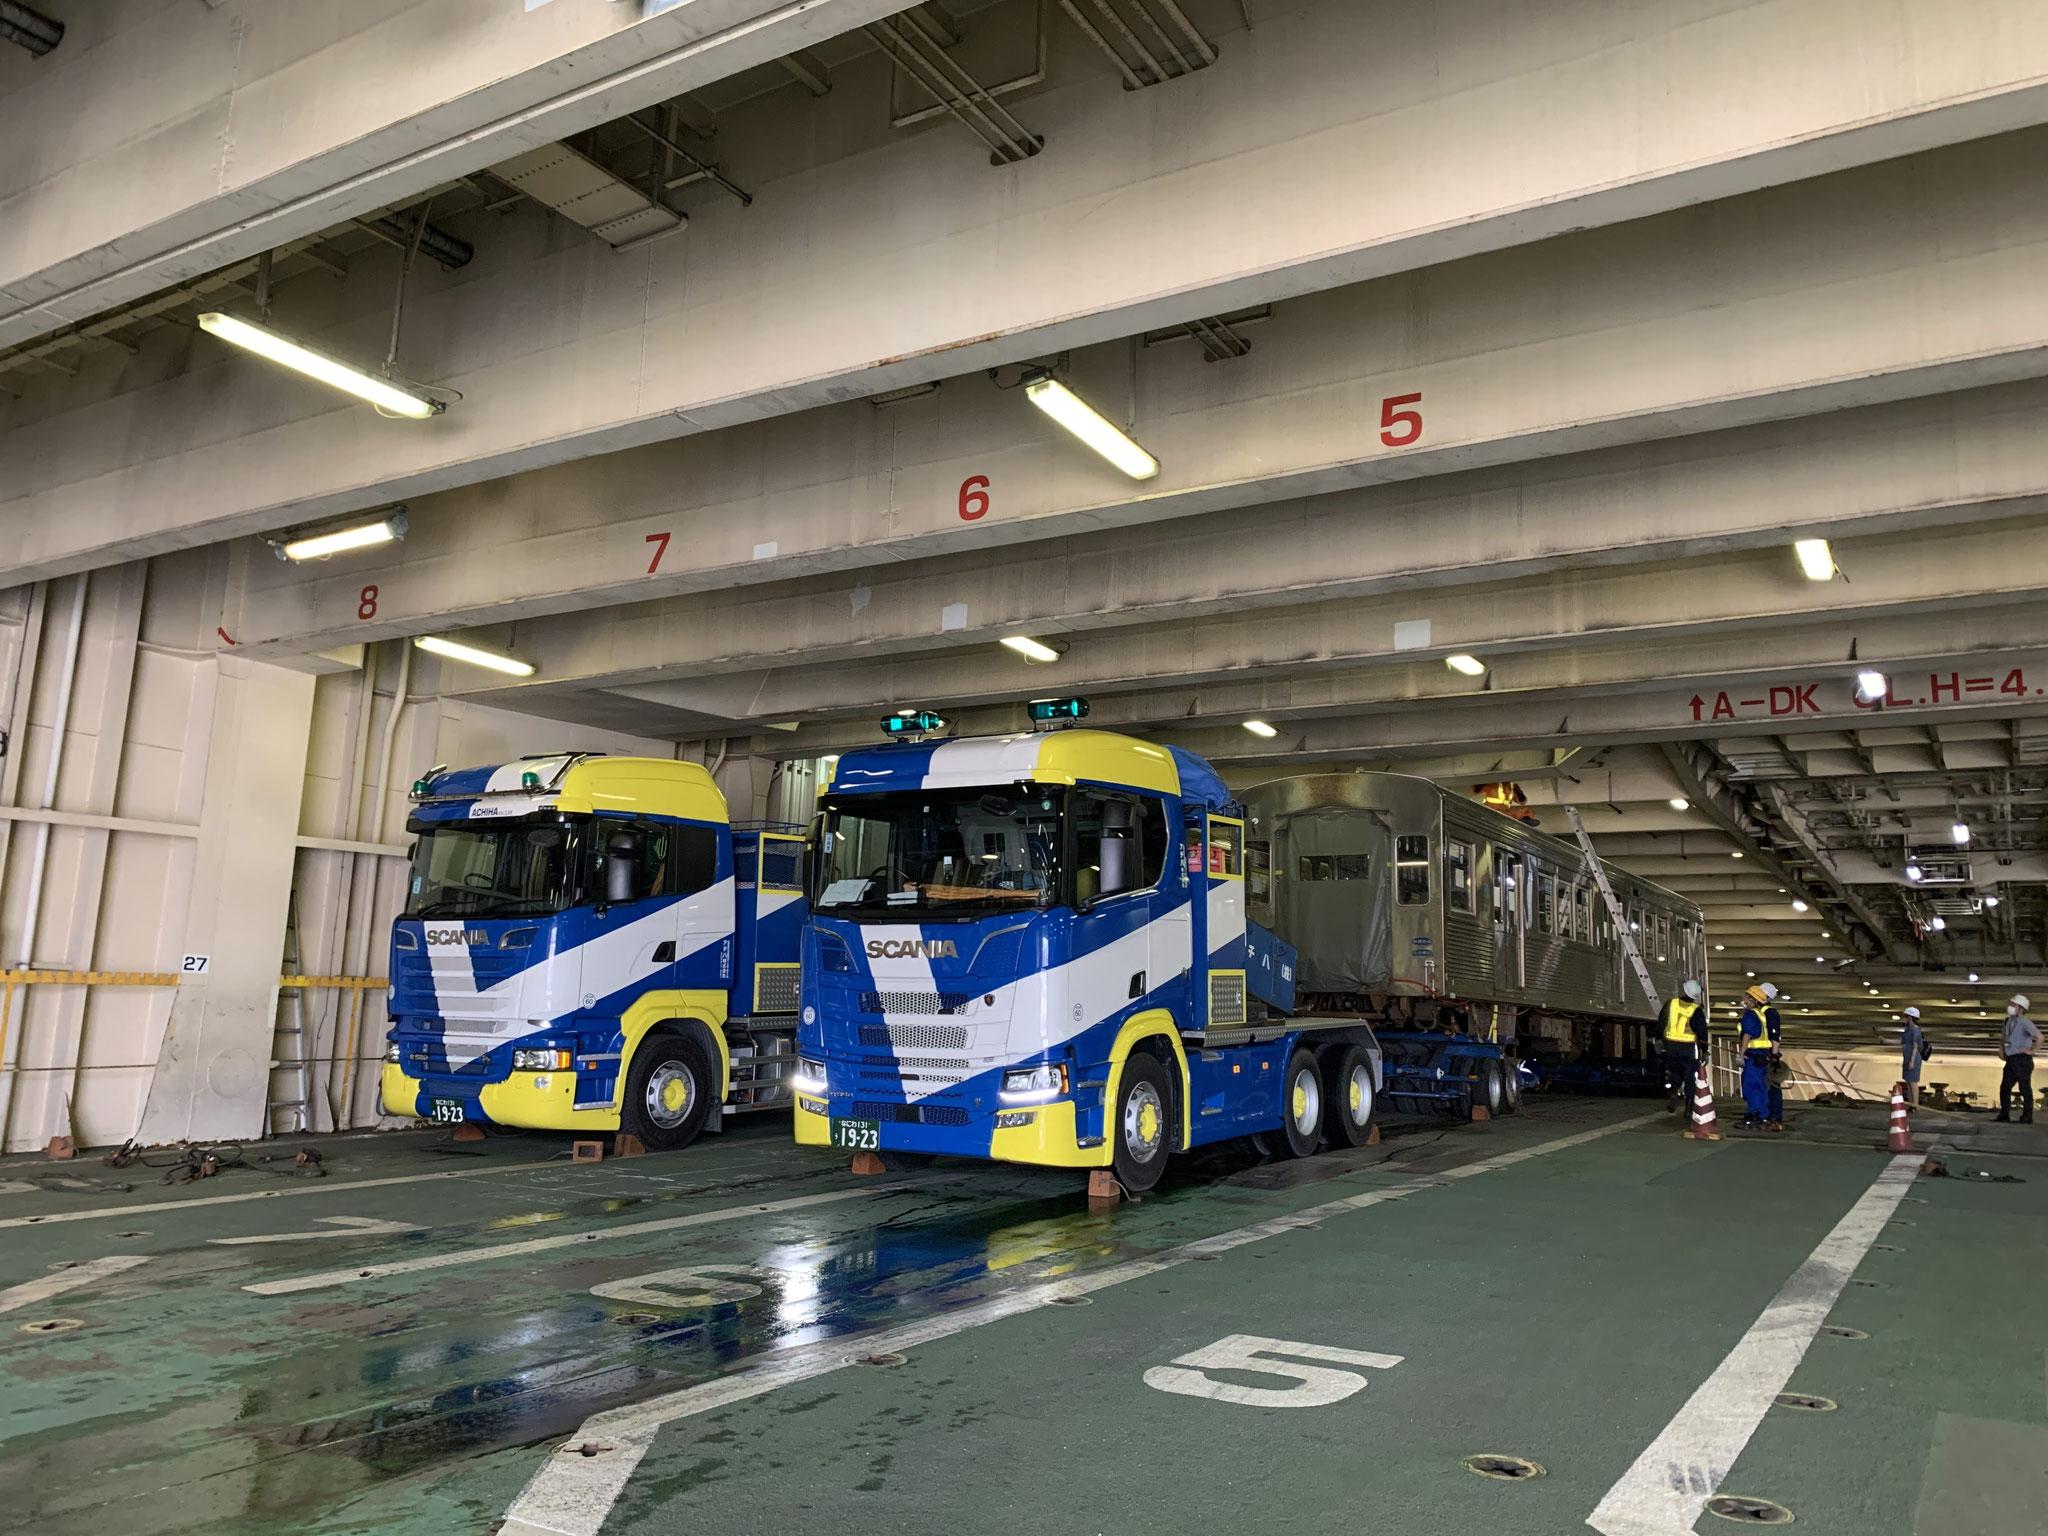 2両目も、RORO船内へ。さすが運転手さんの技術です!